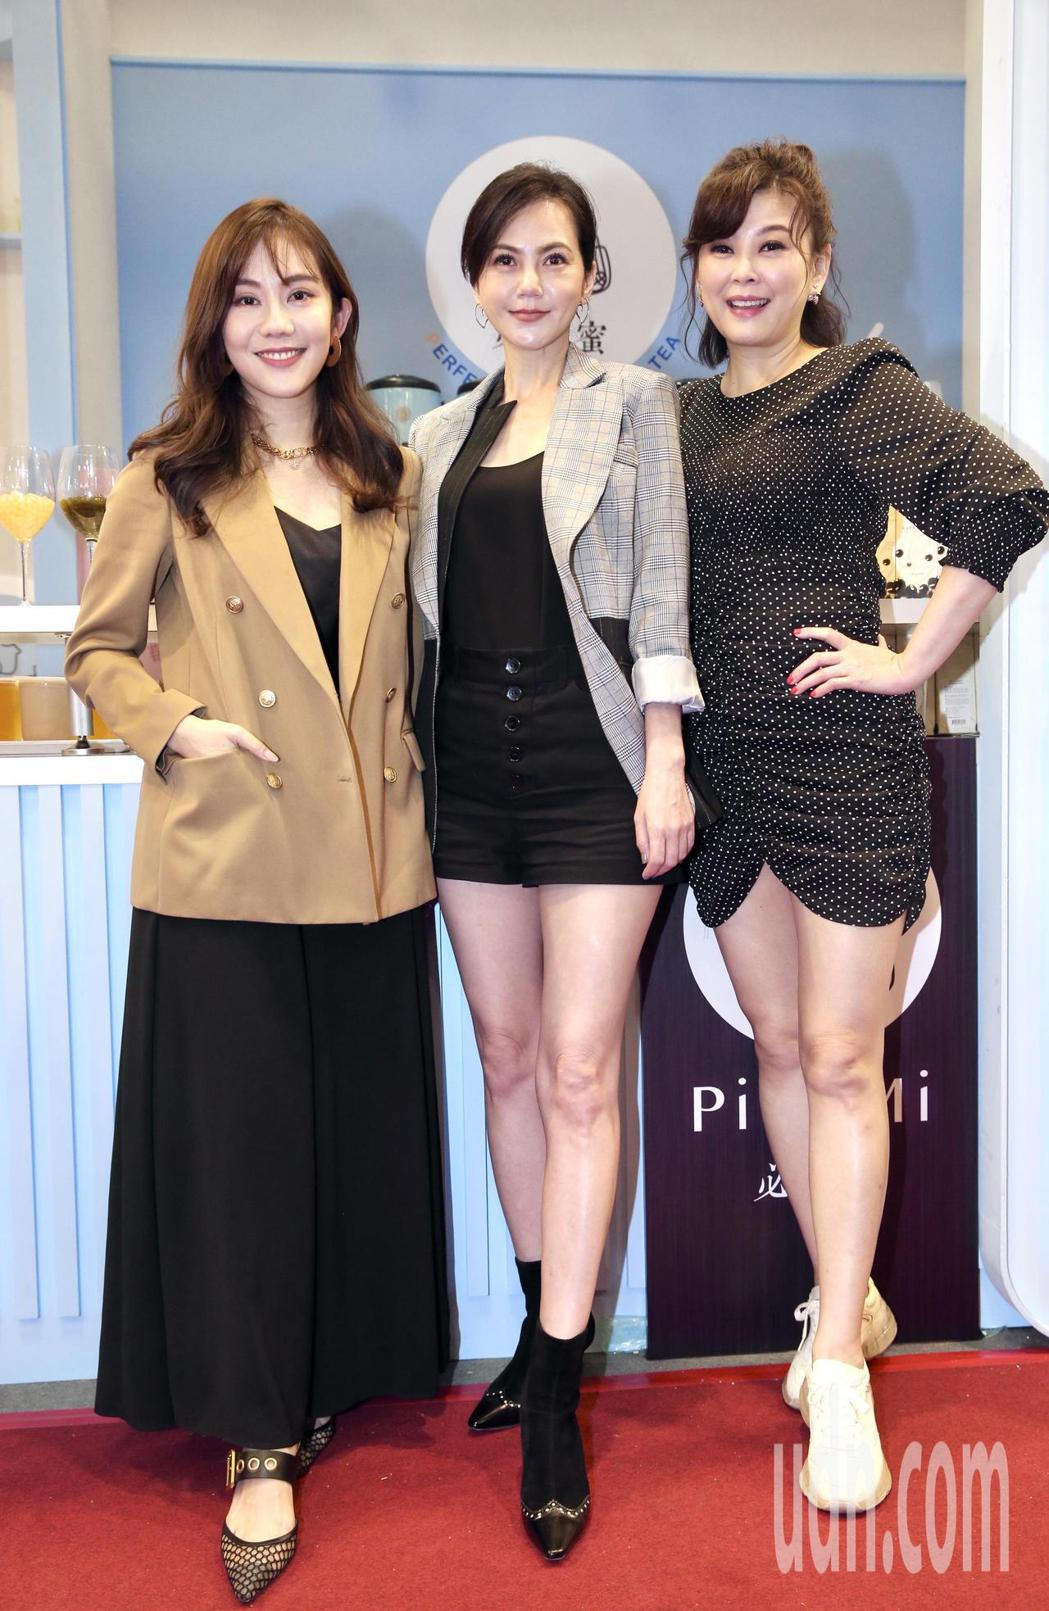 藝人簡沛恩(中)手搖品牌參加加盟展,揪閨蜜方馨(右)、王宇婕(左)站台。記者林俊...